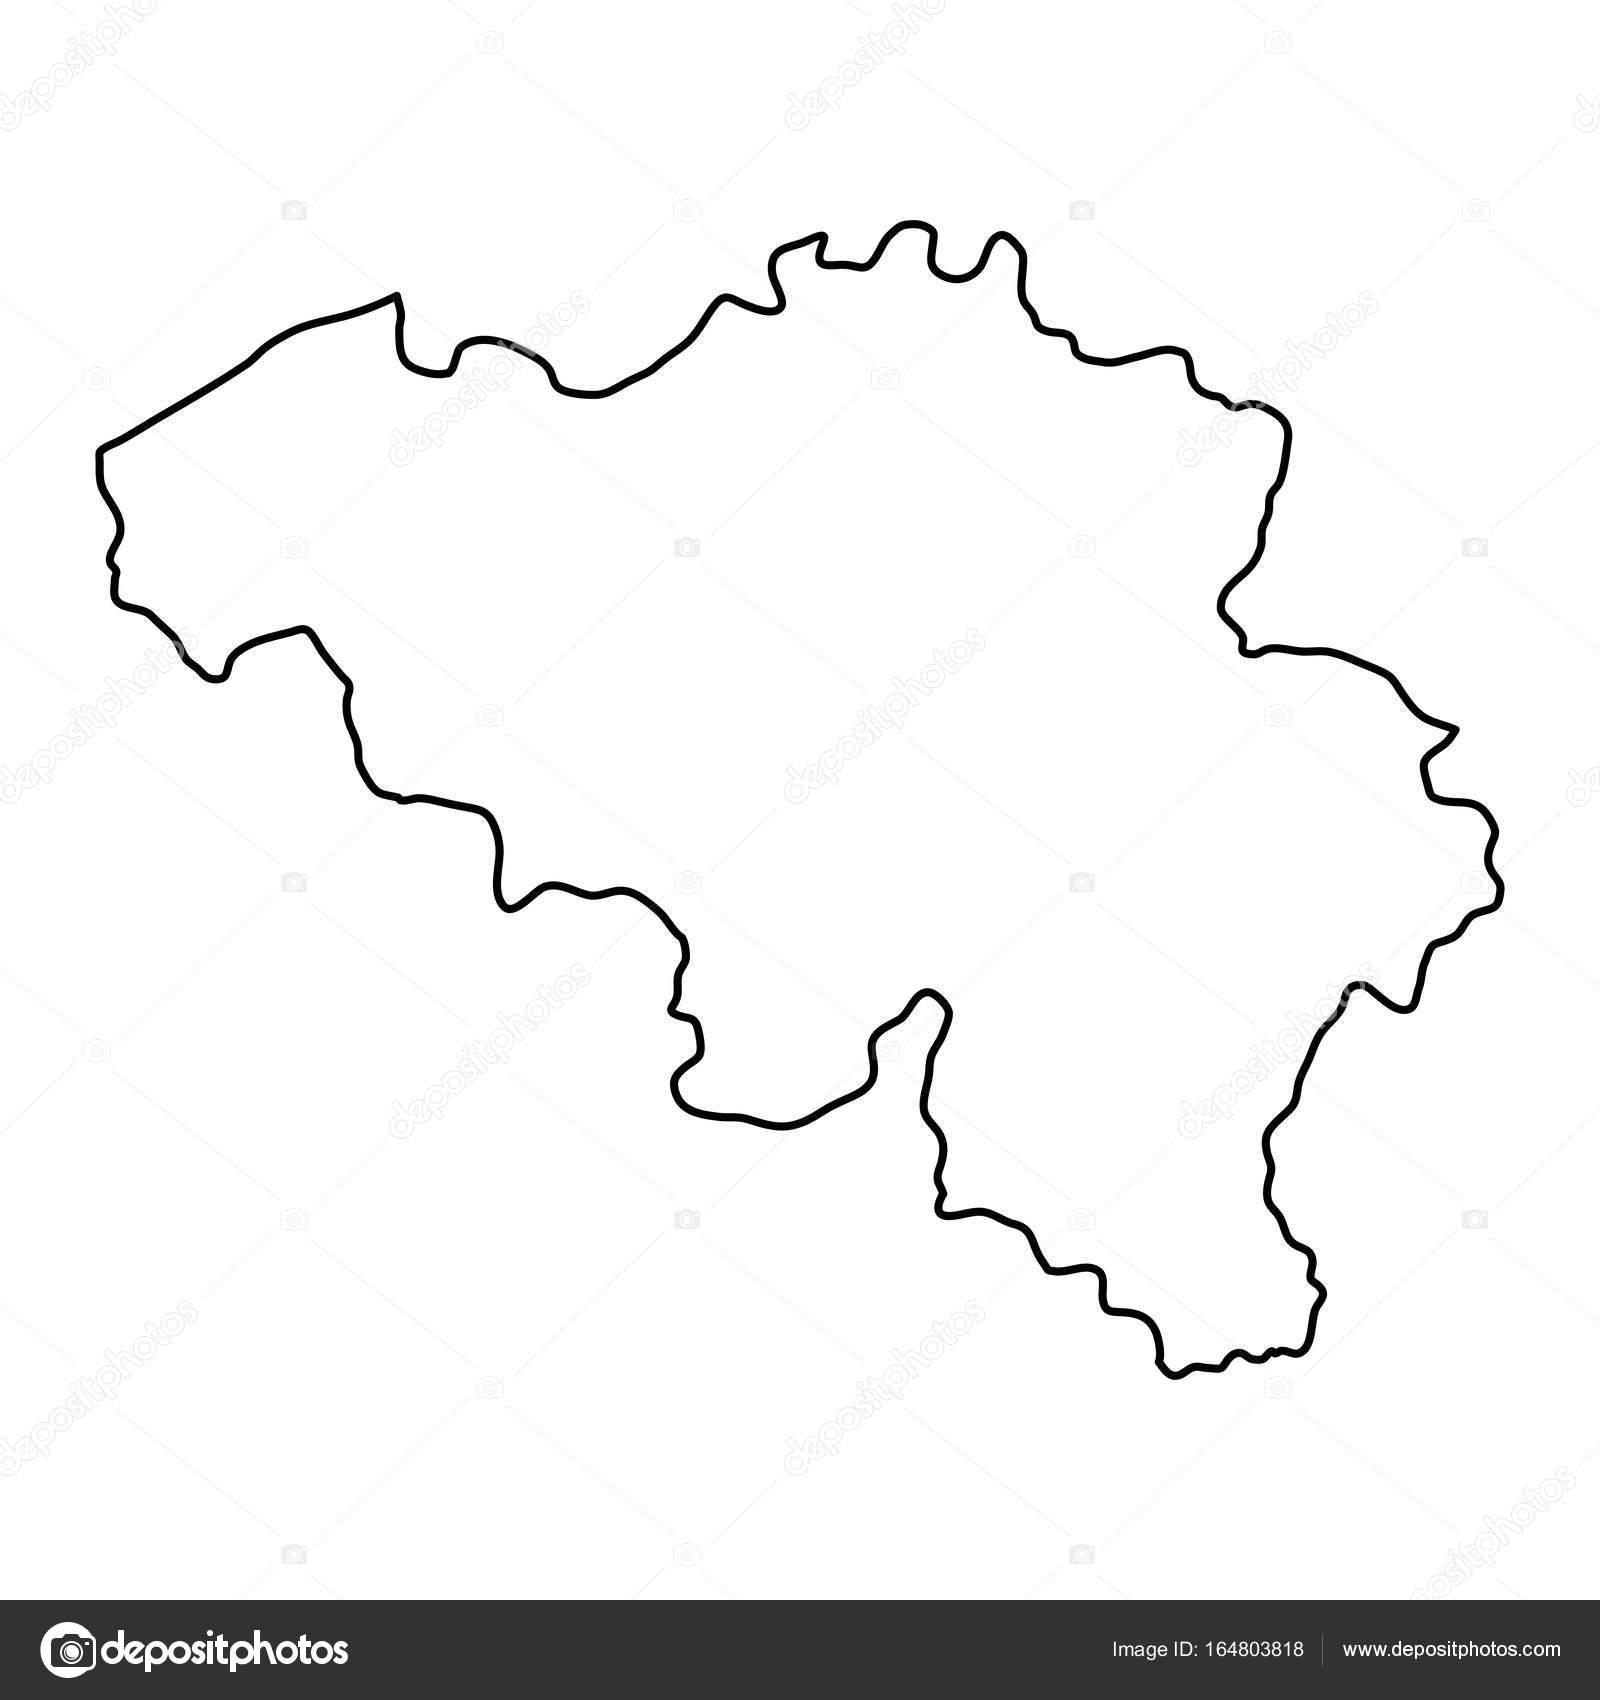 Belgien Karte Umriss.Belgien Karte Von Schwarzen Konturkurven Von Vektor Illustration